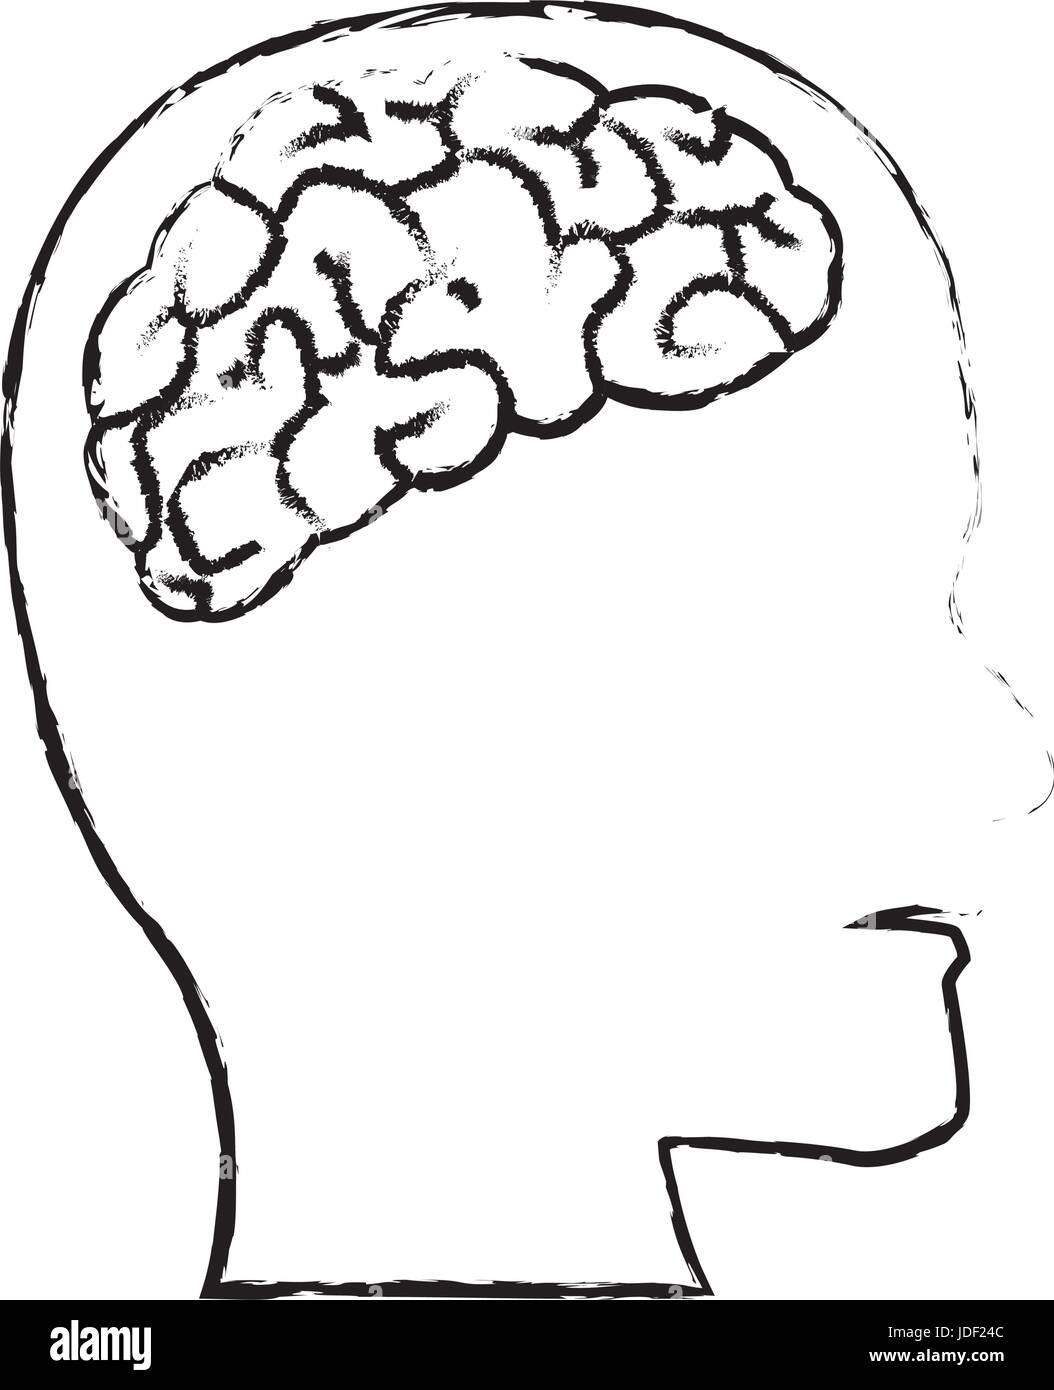 Profil von menschlicher Kopf mit Gehirn-Anatomie Vektor Abbildung ...